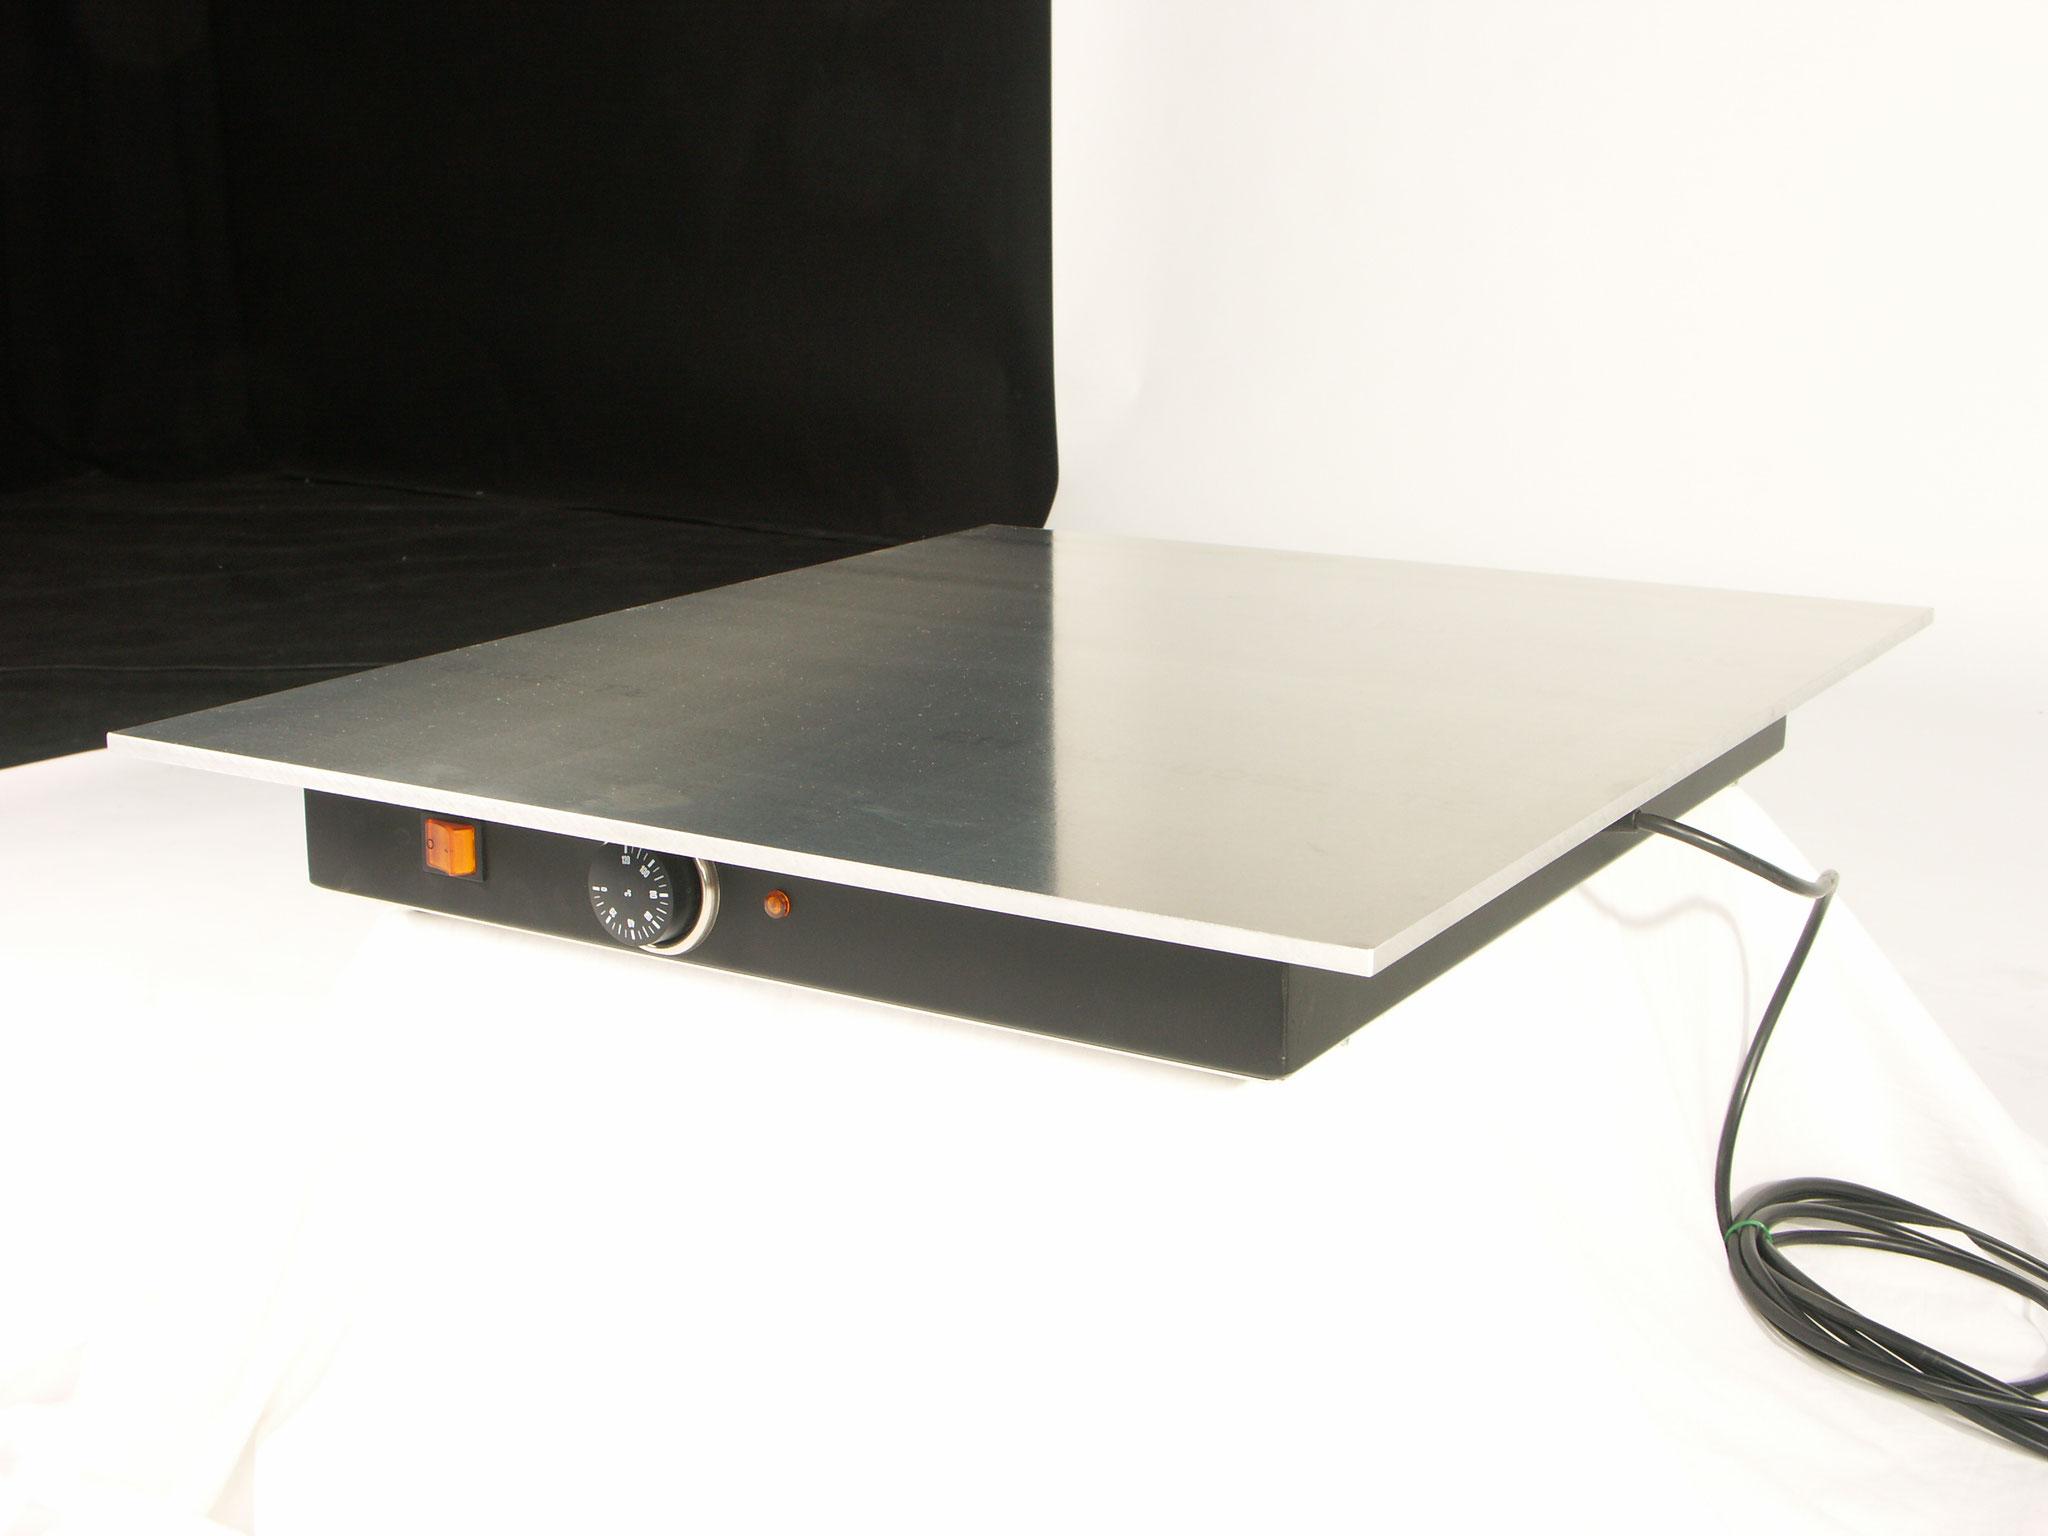 Wärmeplatte mit Thermostat zum einfärben von Kupferplatten